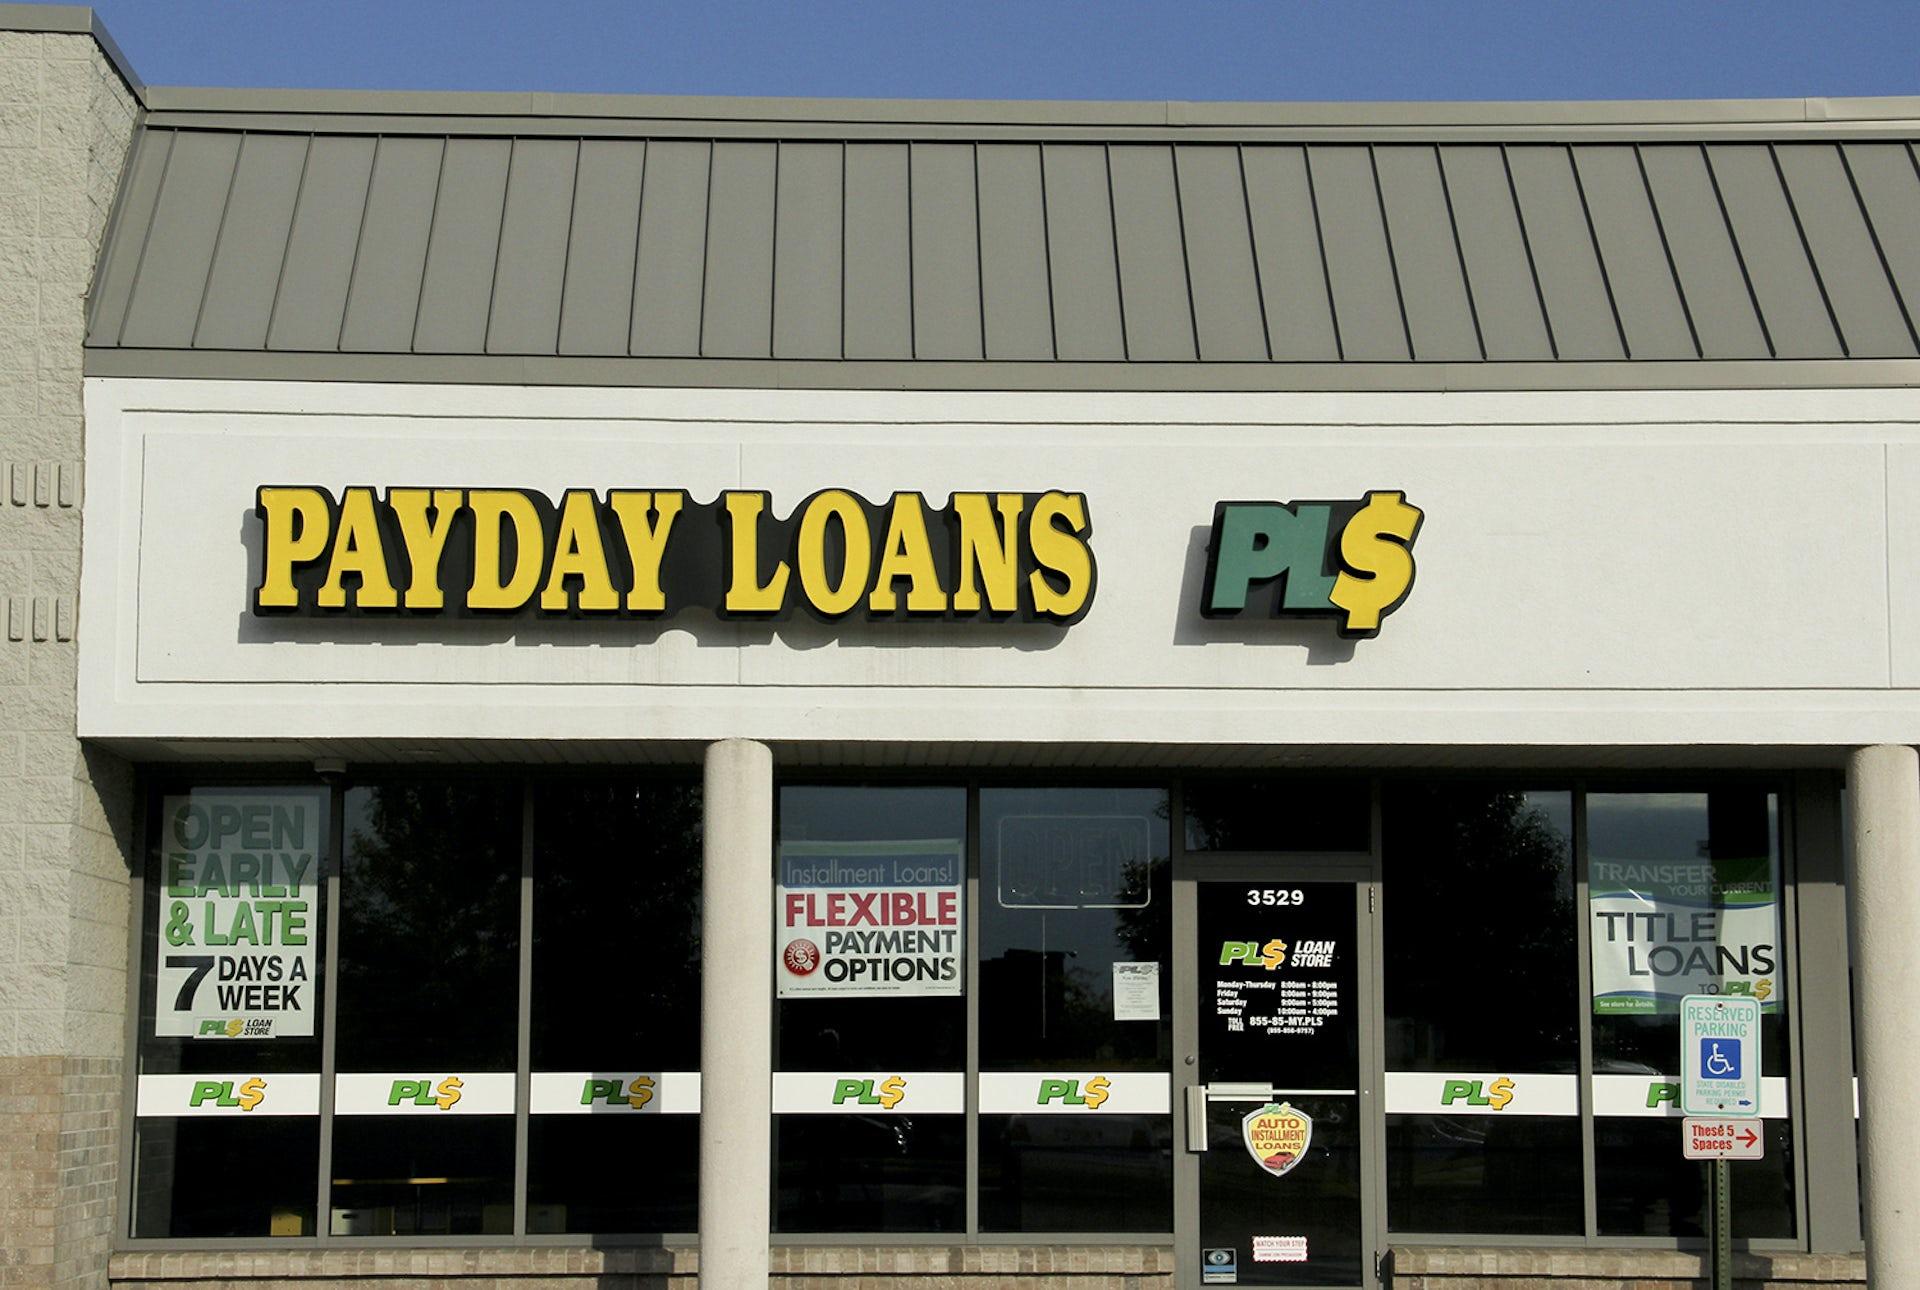 Payday loans lender